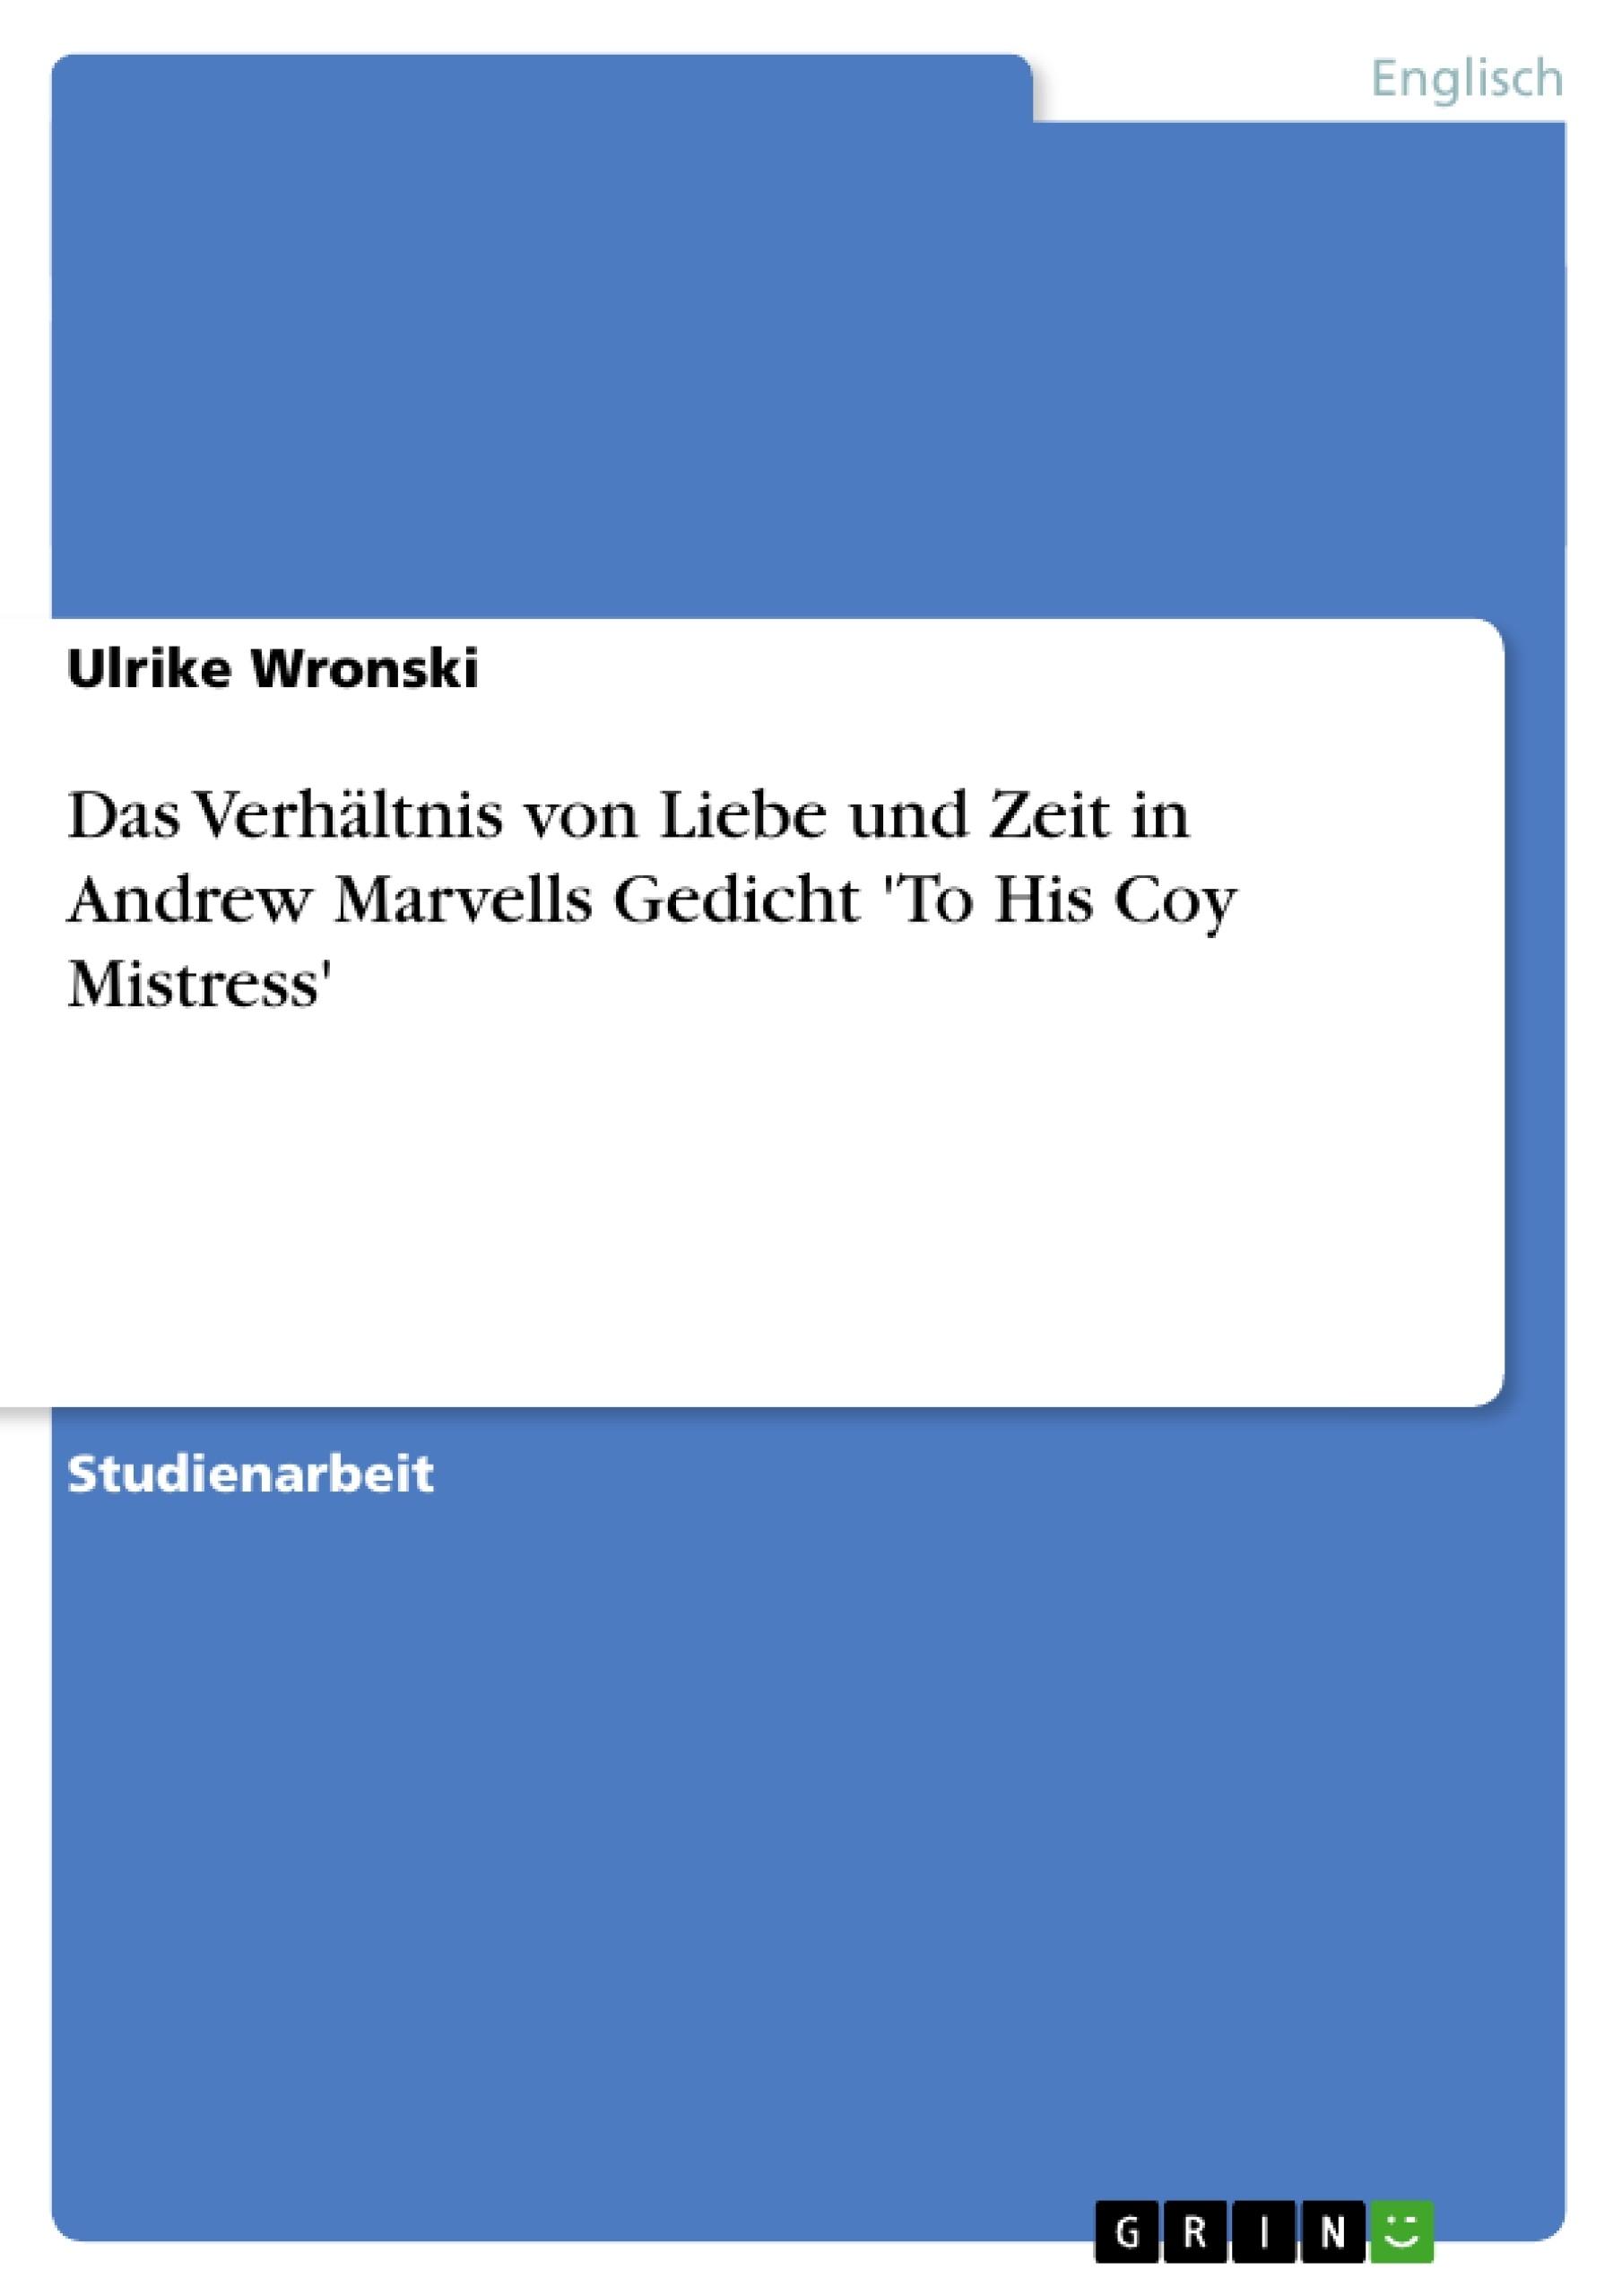 Titel: Das Verhältnis von Liebe und Zeit in Andrew Marvells Gedicht 'To His Coy Mistress'